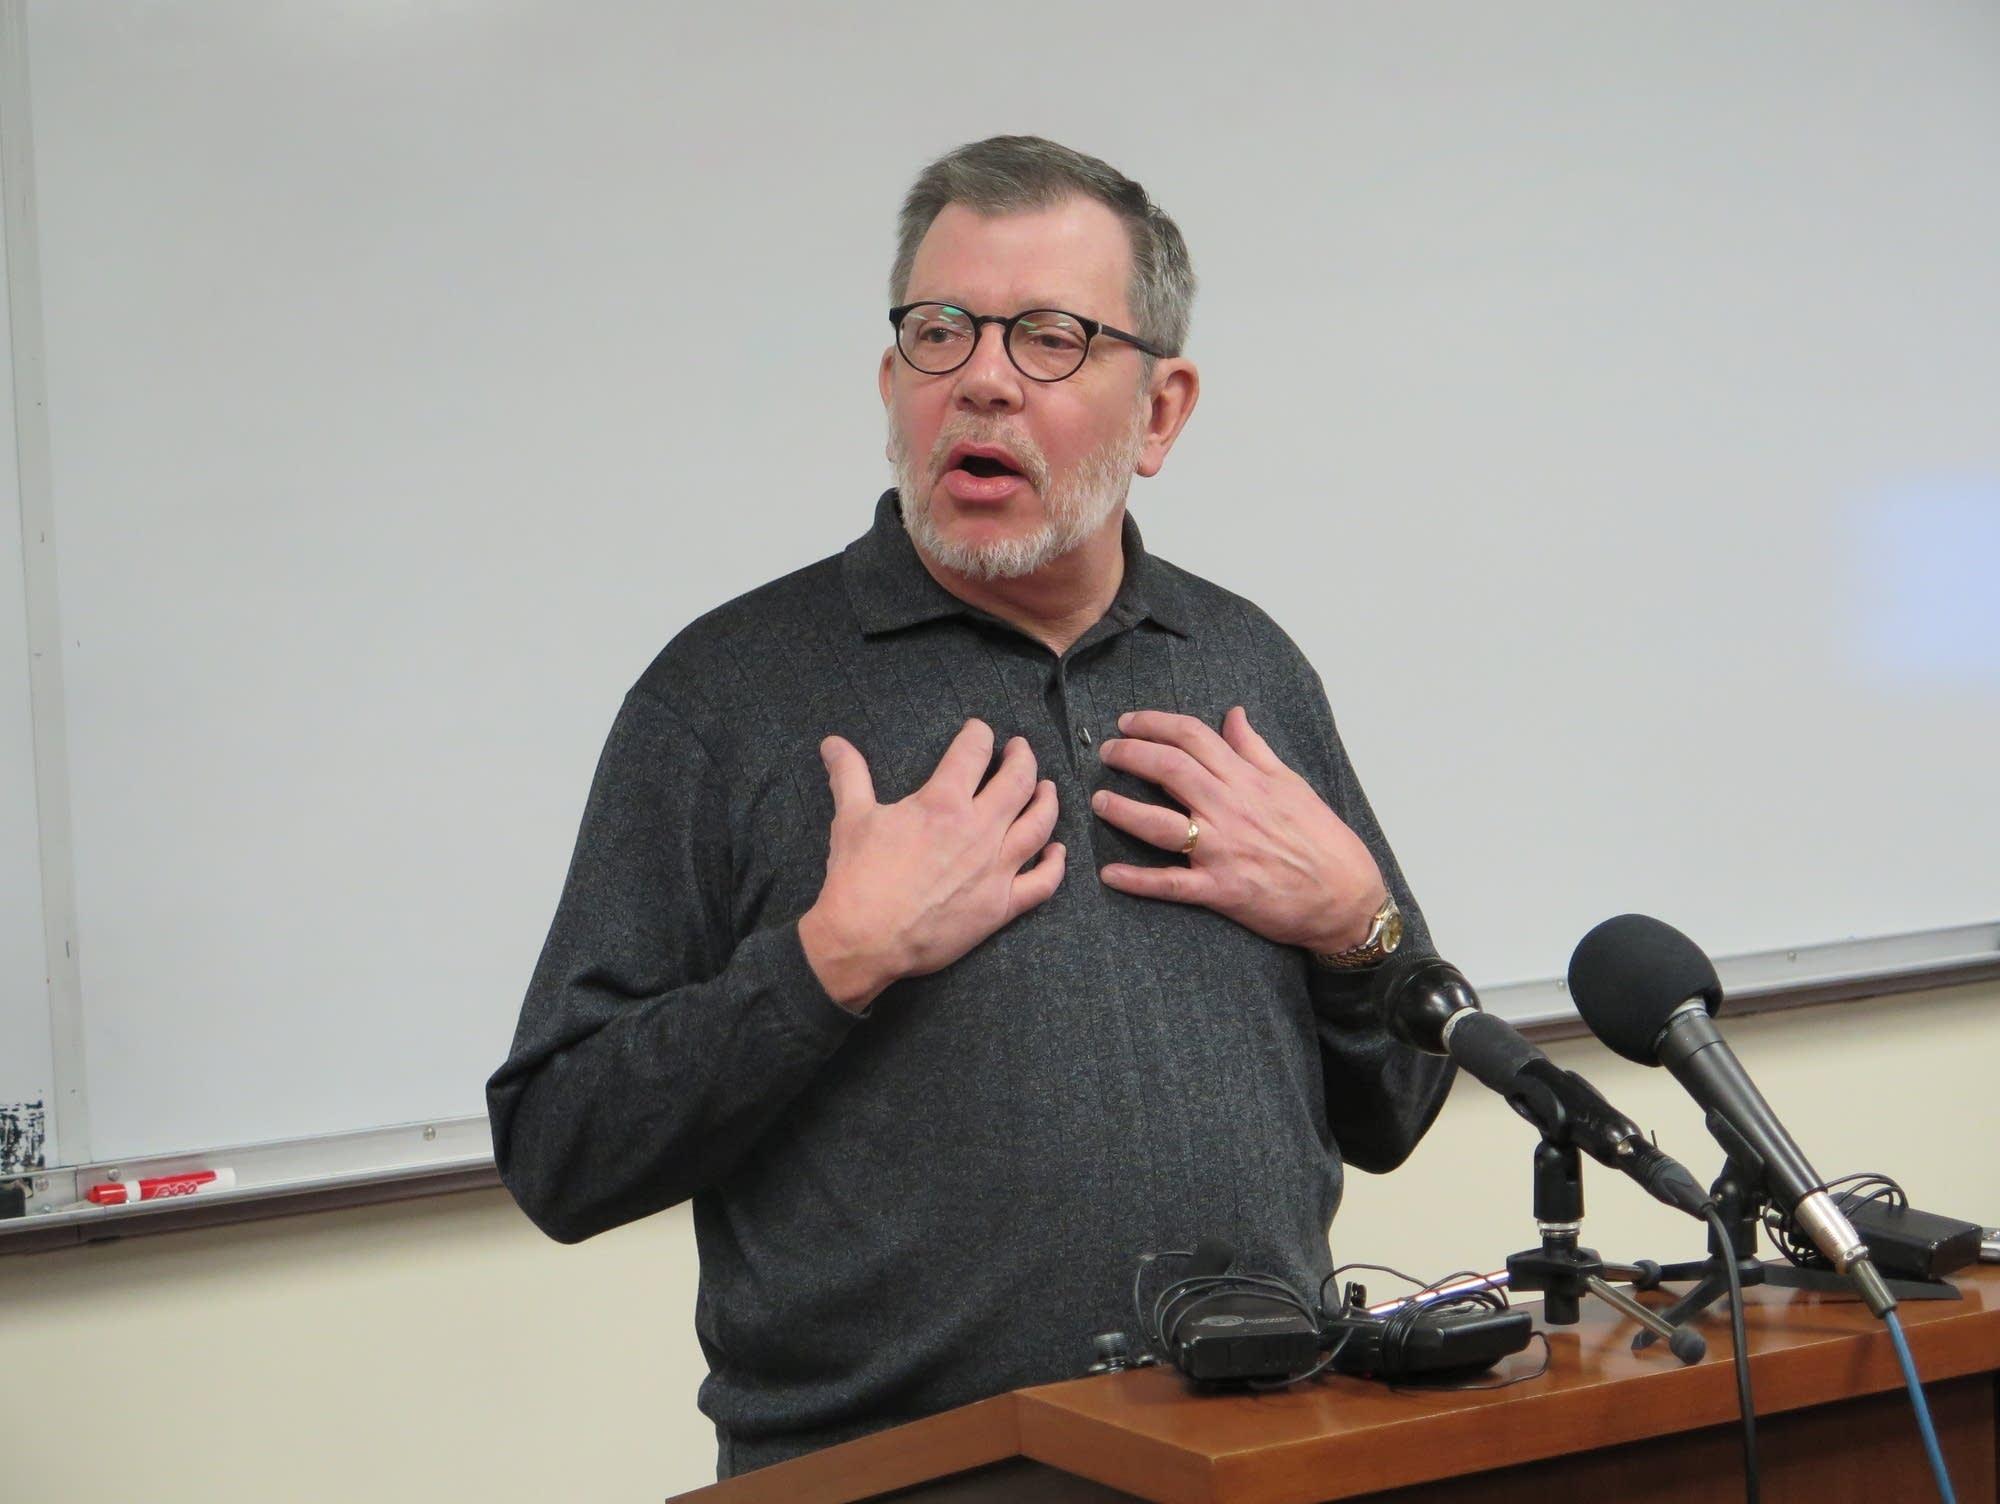 University of Minnesota President Eric Kaler